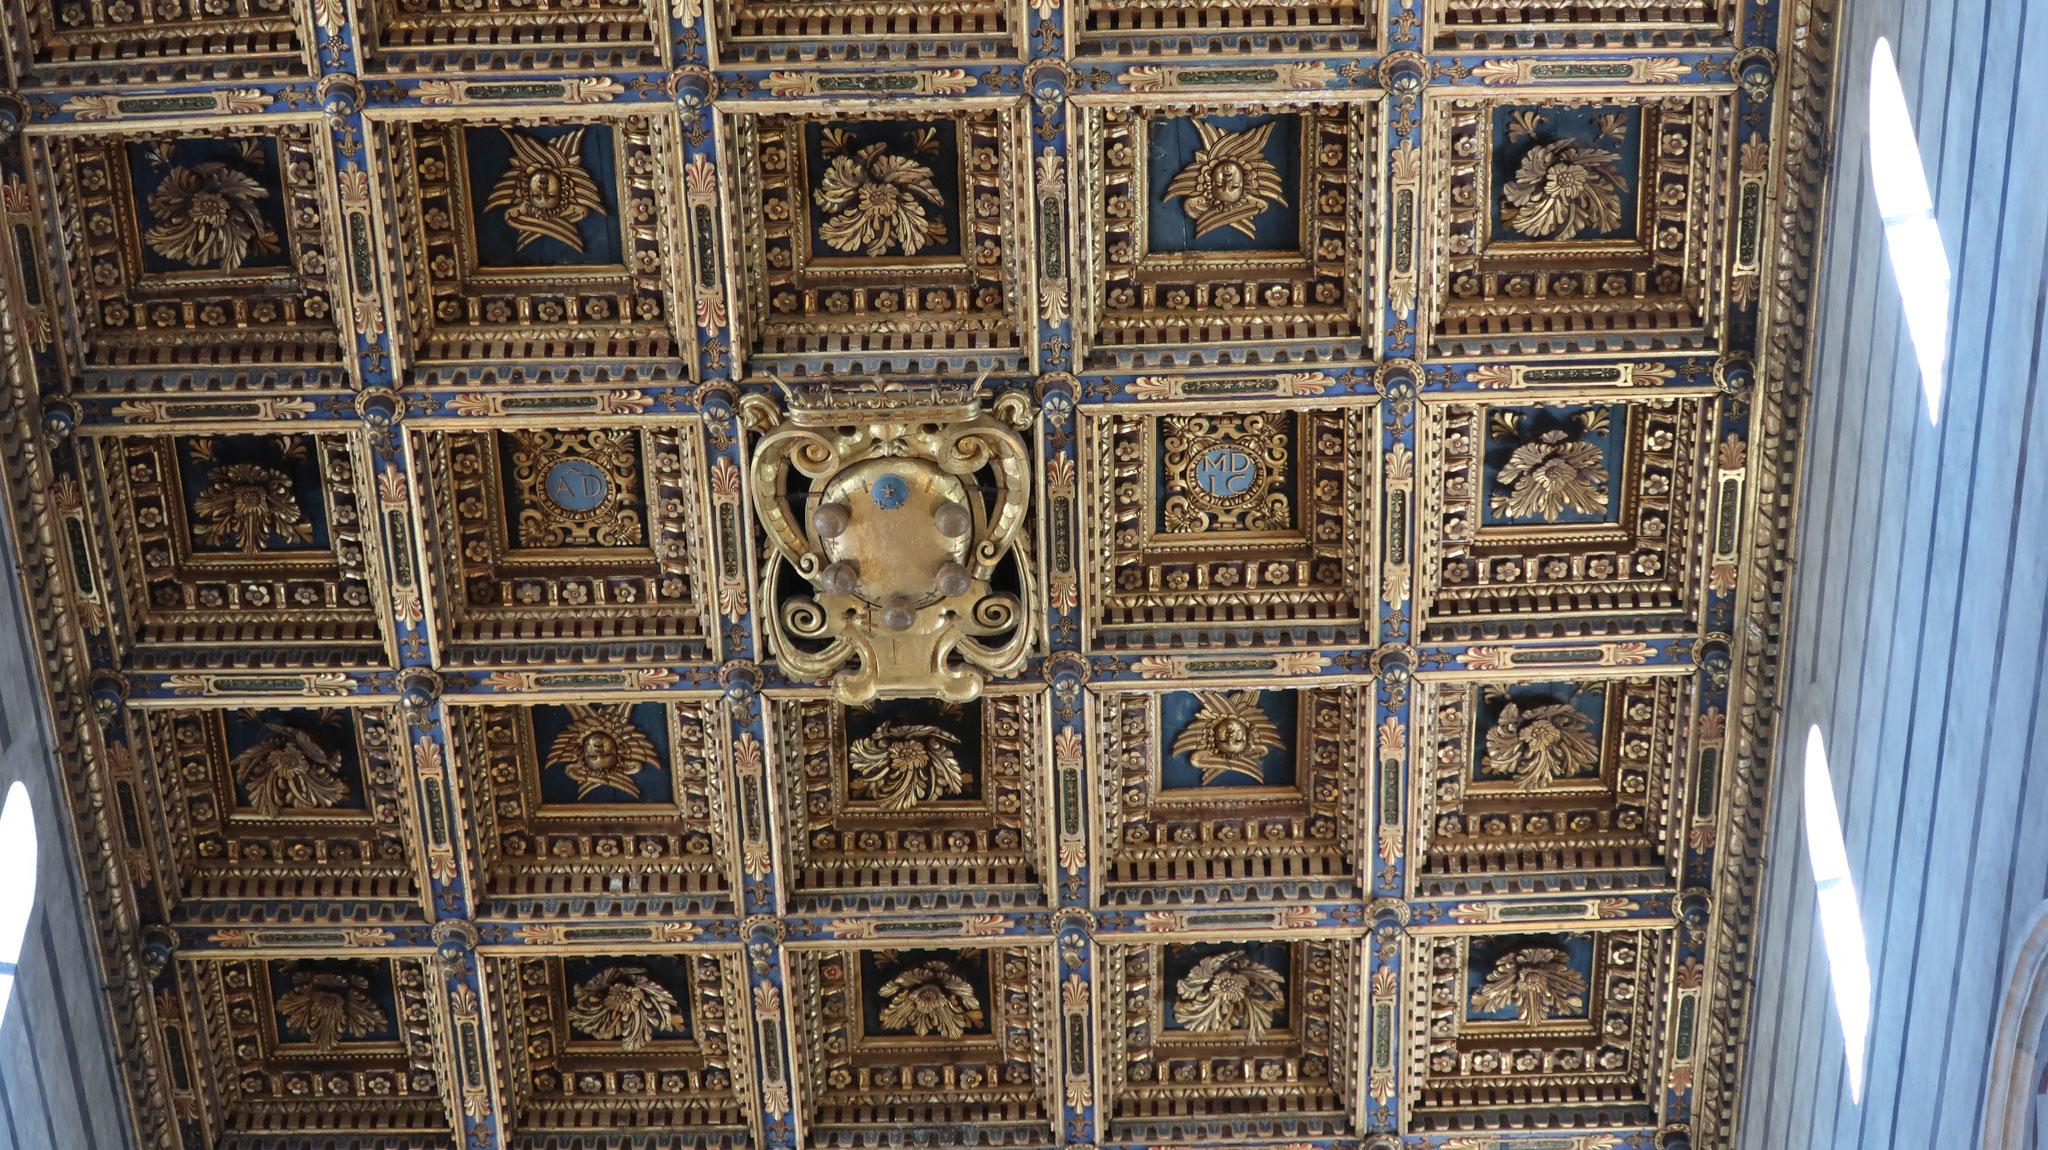 天井を覆う格間(こうしま)は16世紀の物です。天井中央にはメディチ家紋章。